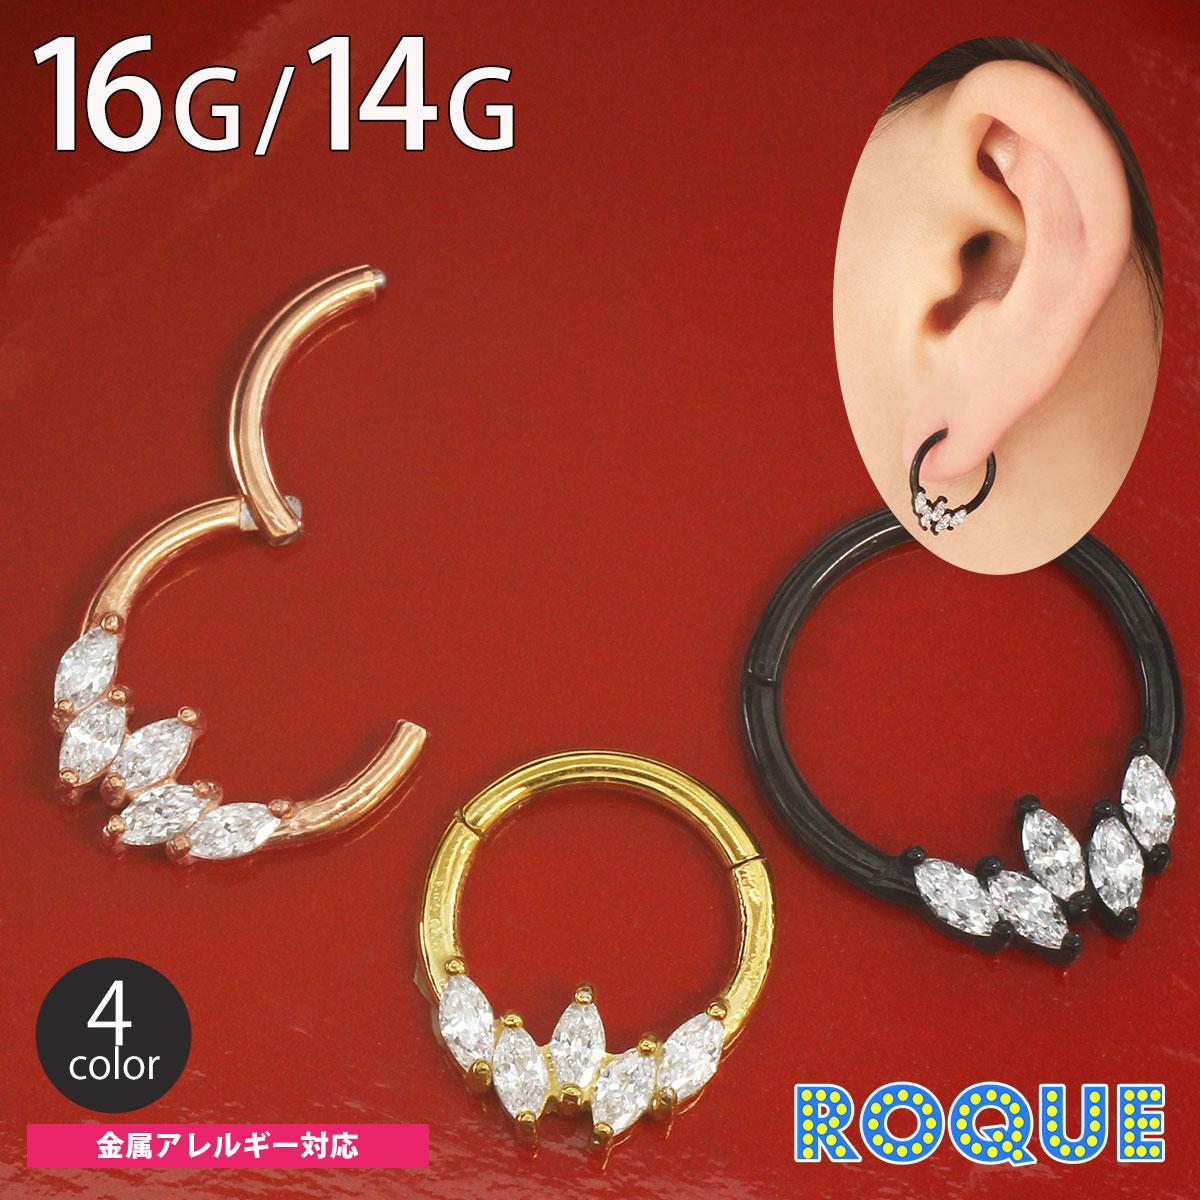 ボディピアス 16G 14G オーバルキュービックジルコニア セグメントクリッカー(1個売り)[通販]◆オマケ革命◆